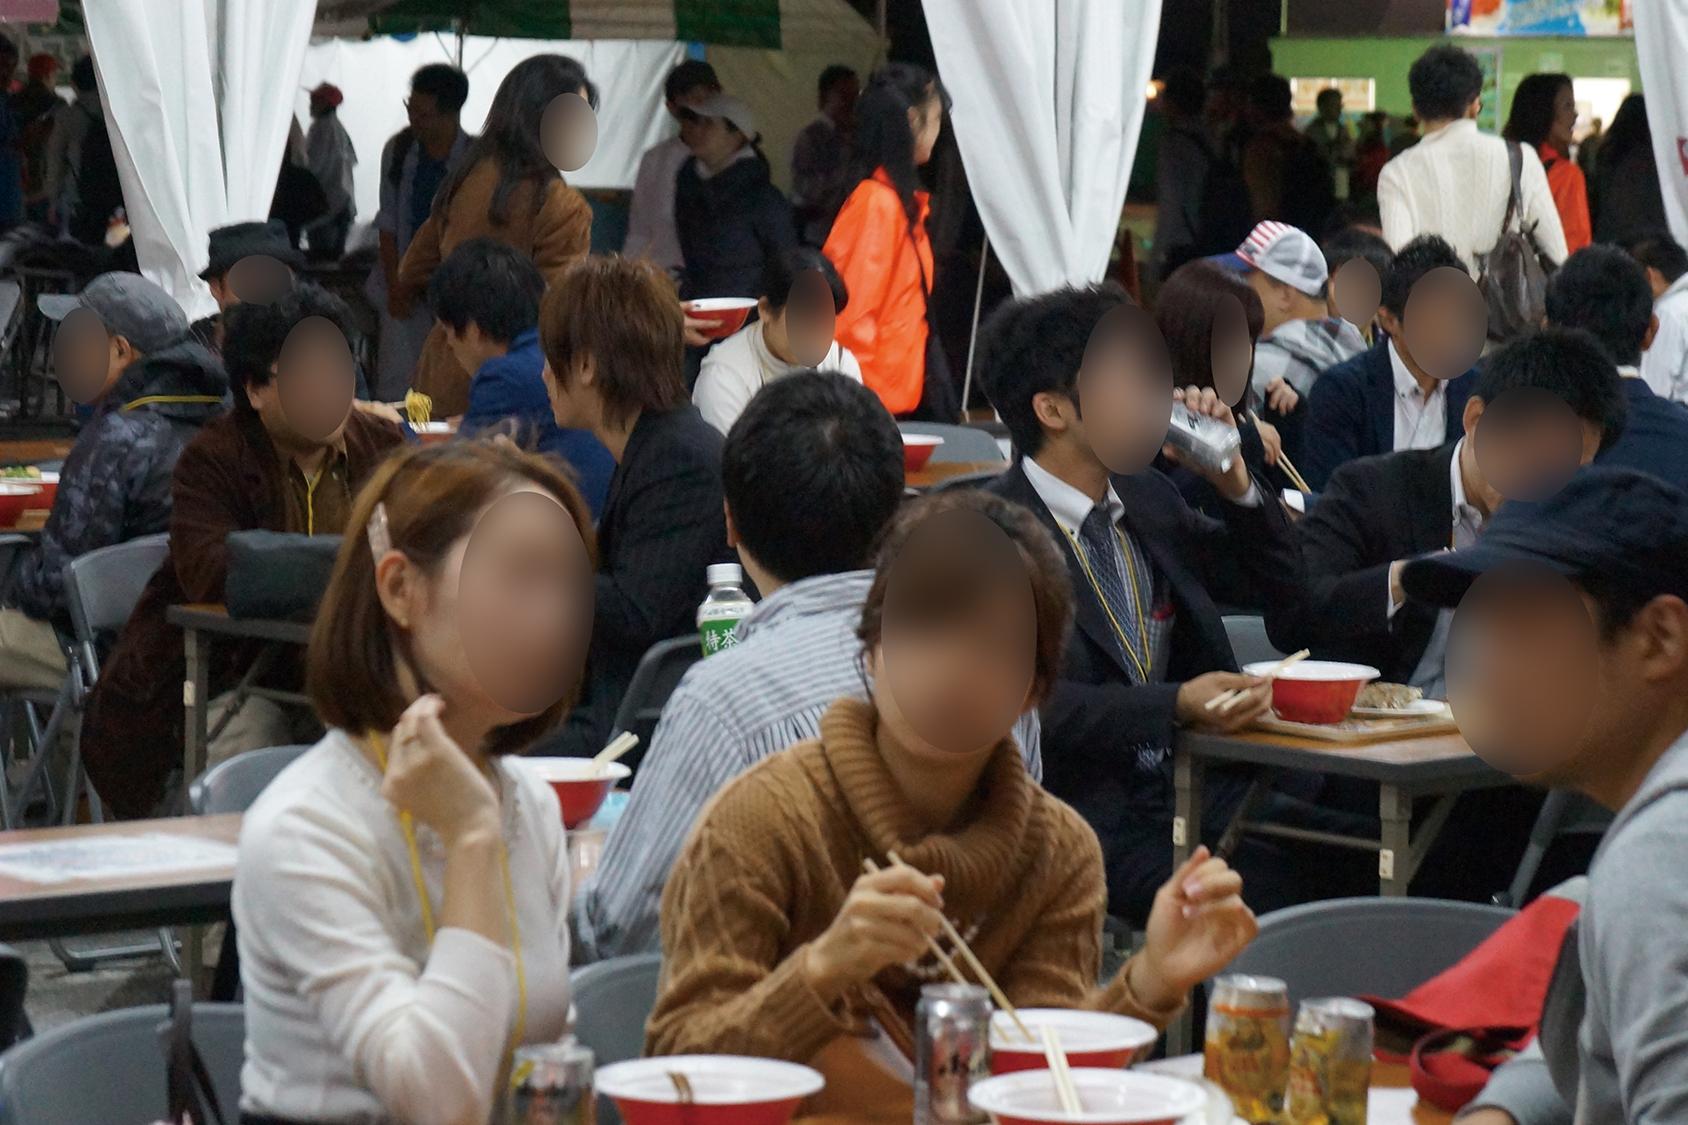 街コンレポート_ラーメンを食べながら男女がお話ししています